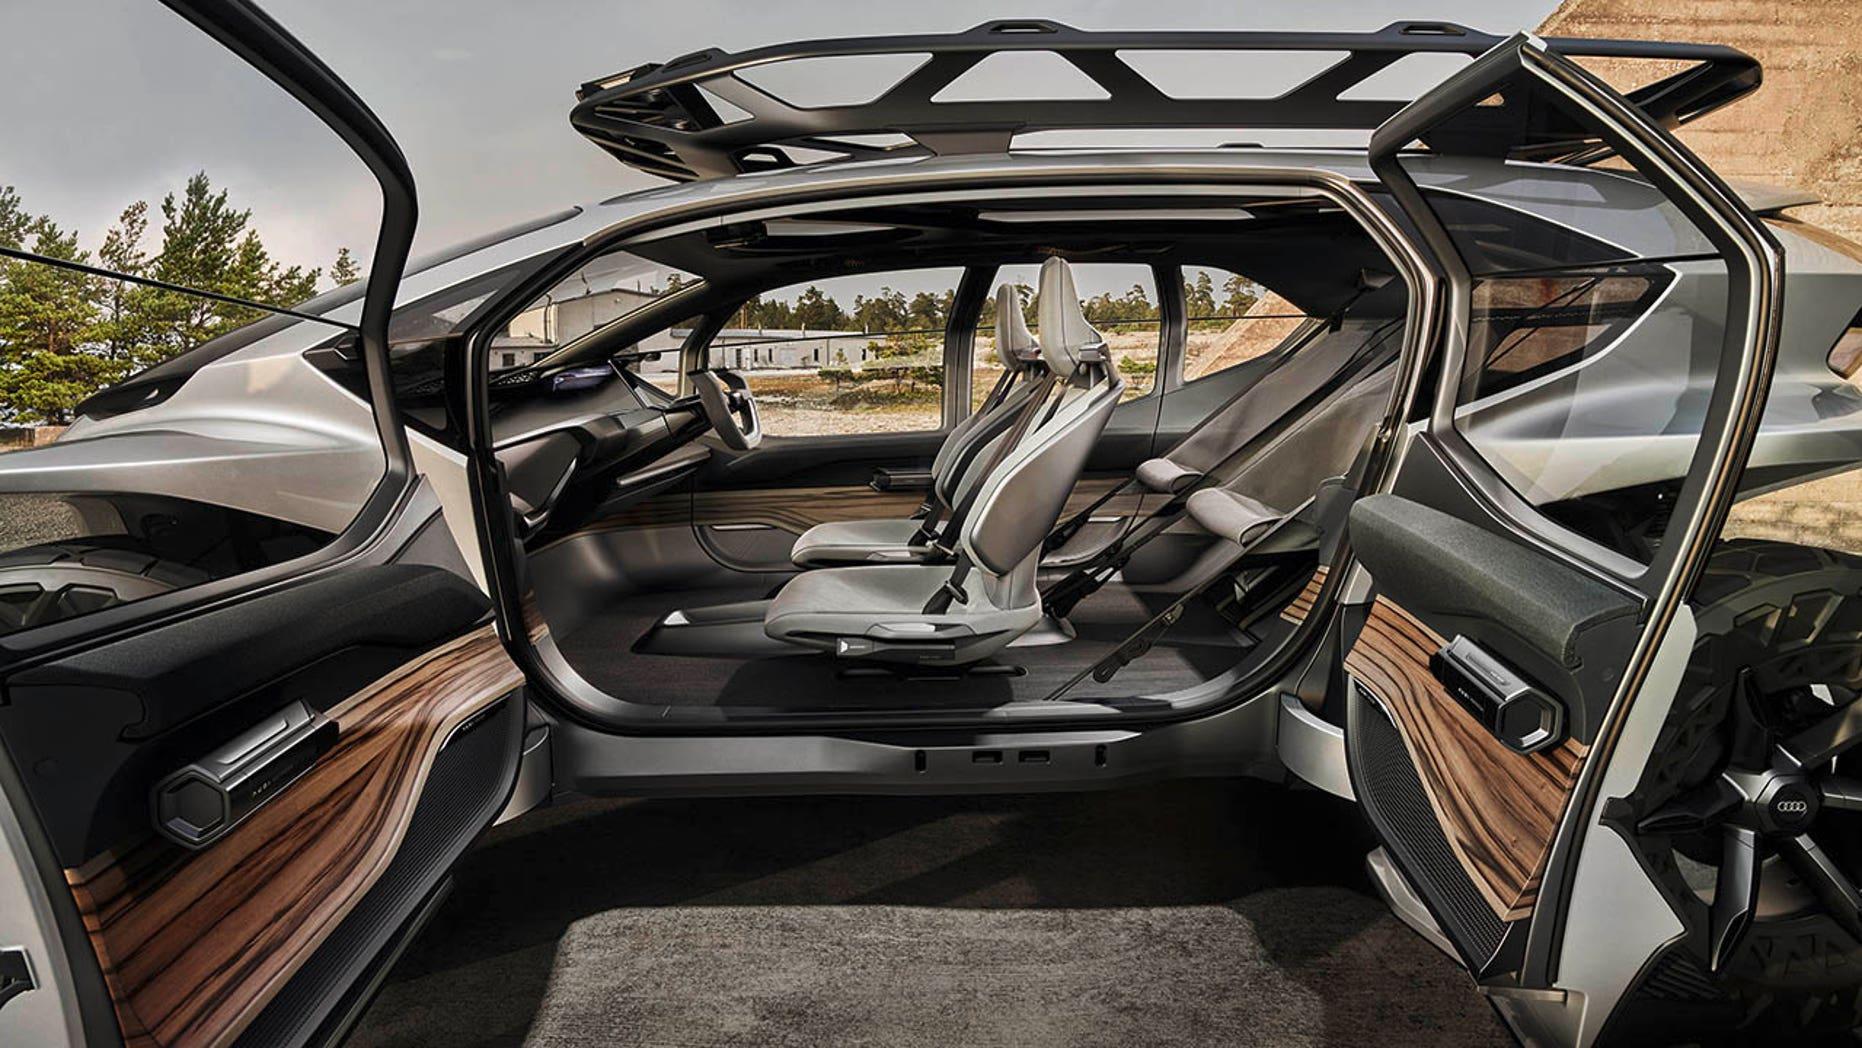 Audi AI: Trail side view